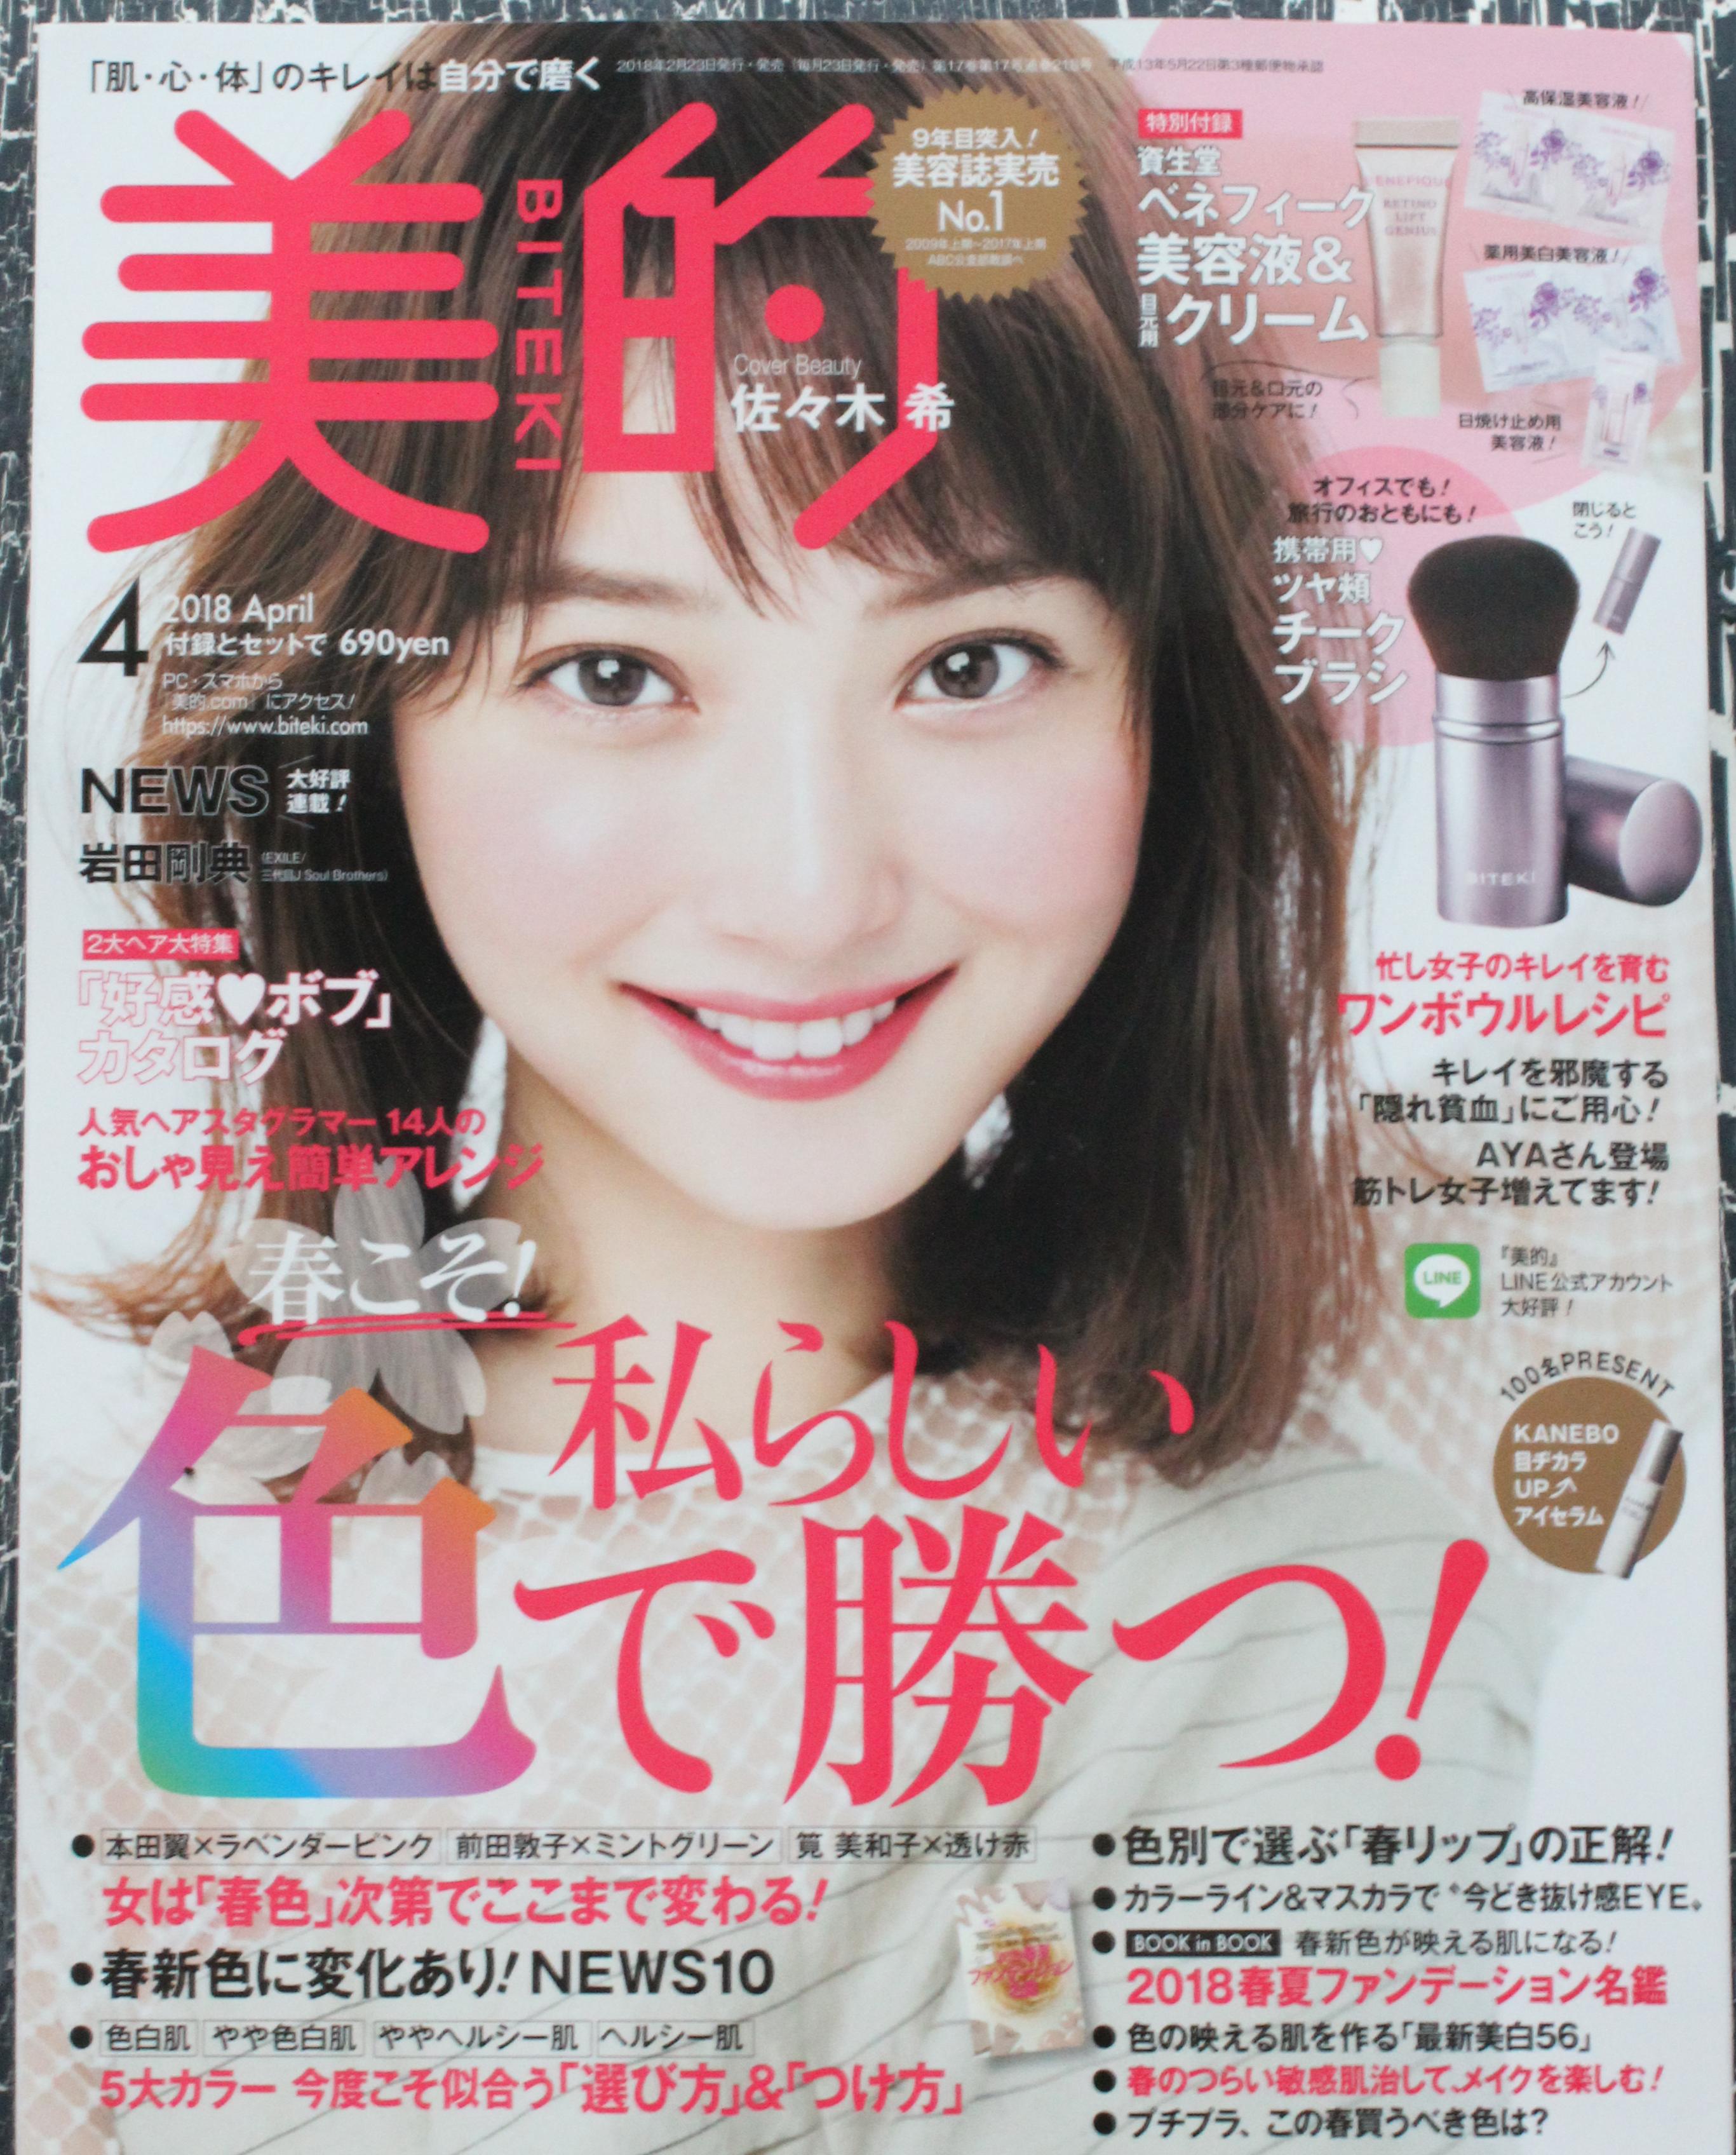 シェアNO1美容雑誌「美的」にフラワーゼリーを掲載